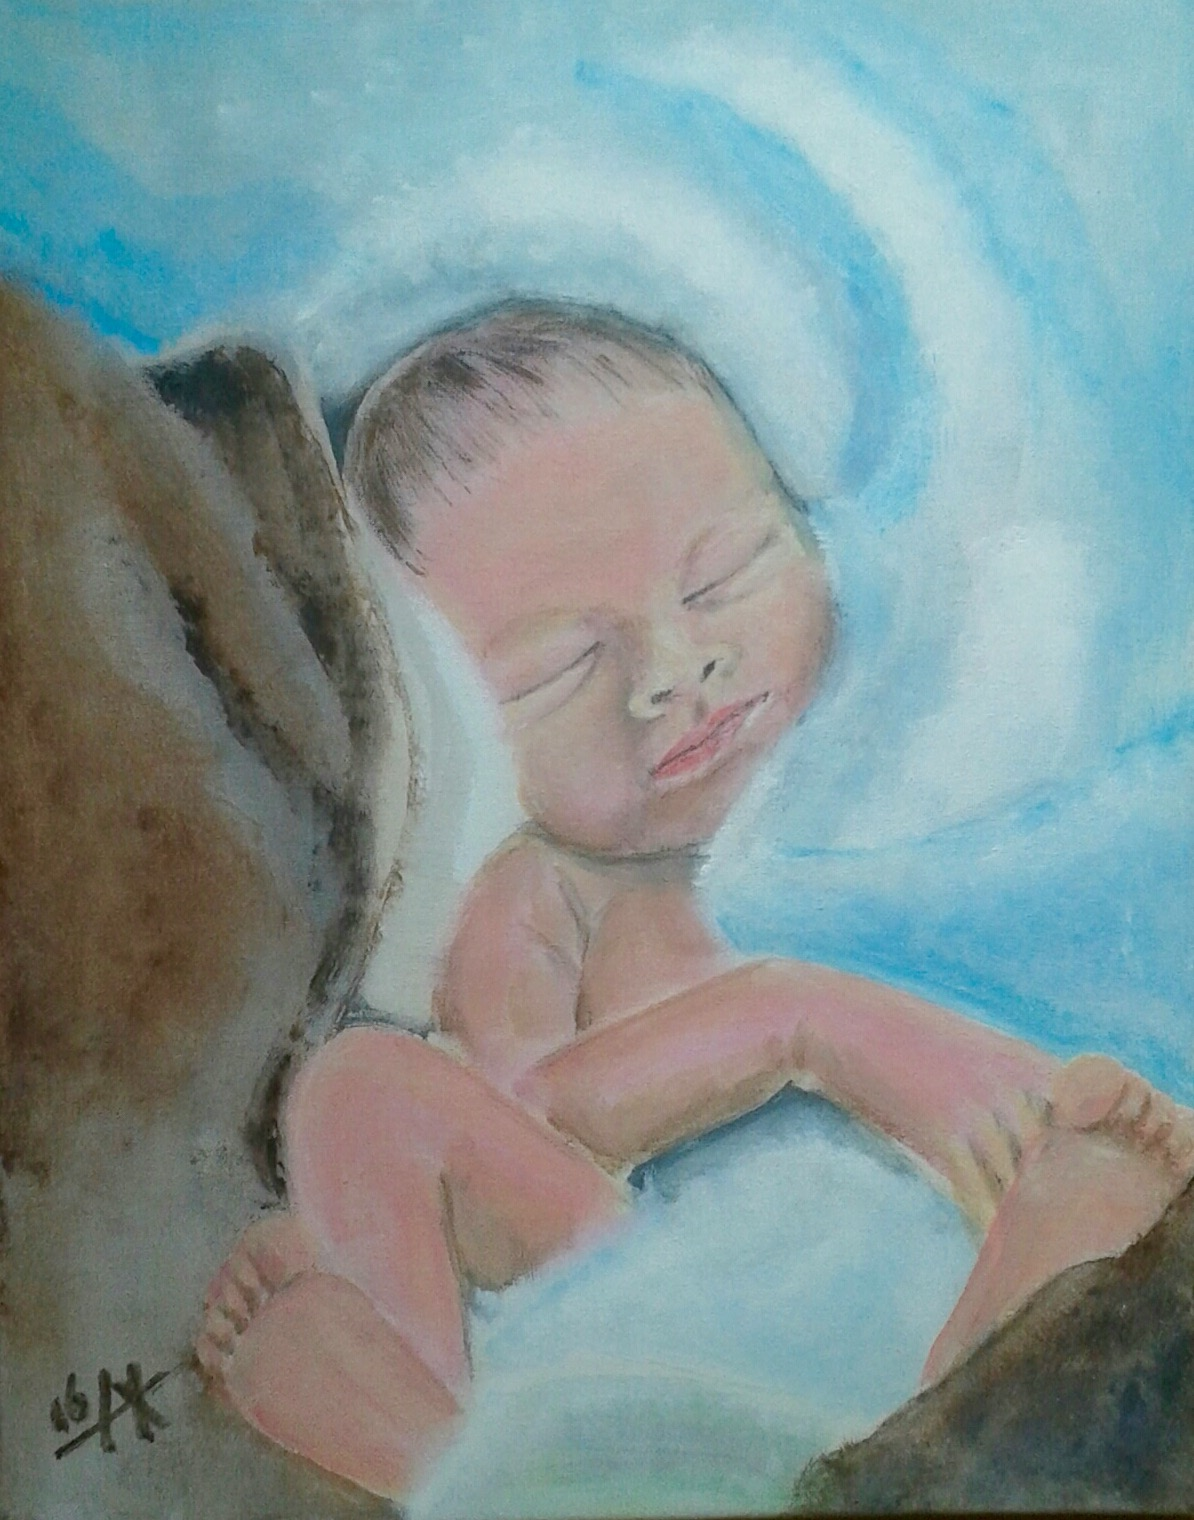 Een wolk van een baby.